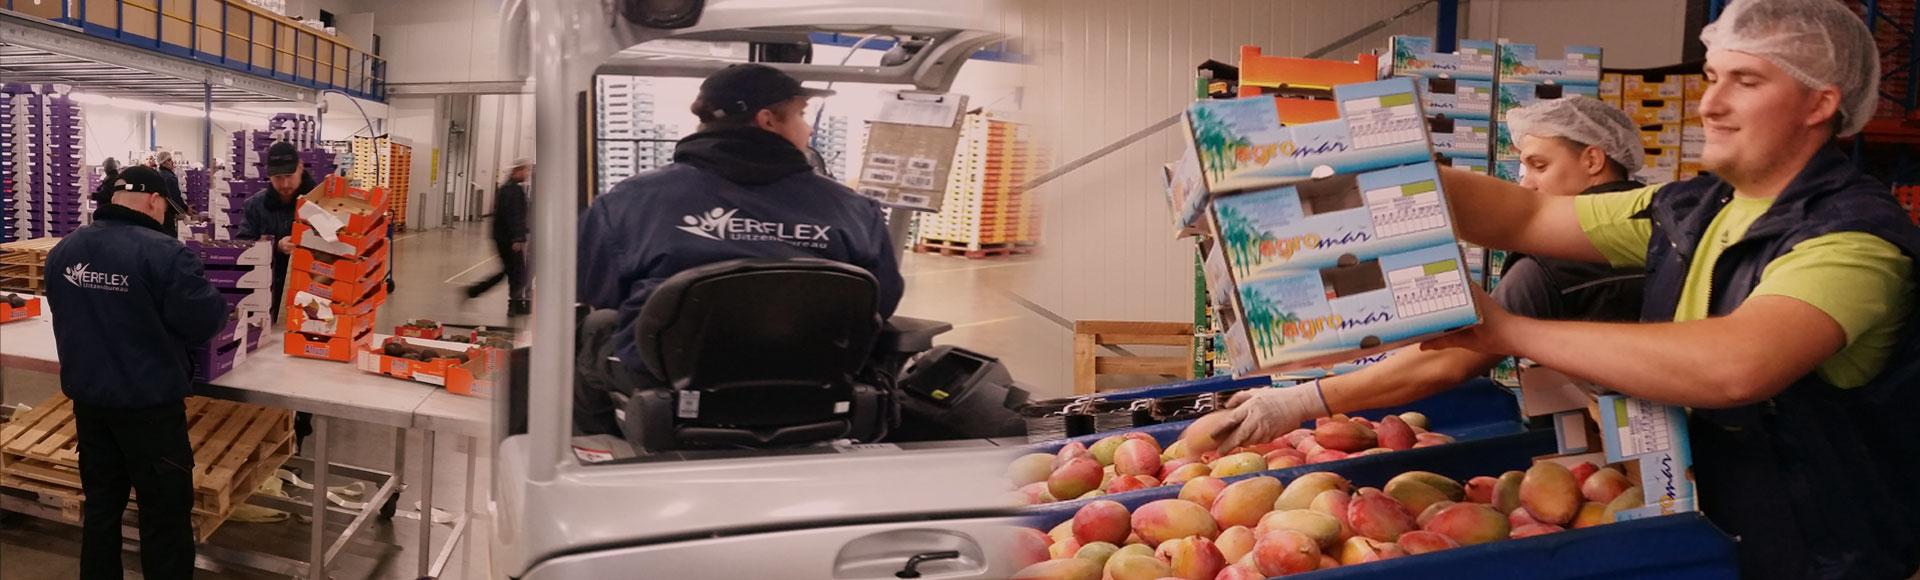 Arbeidskrachten voor het verpakken en sorteren van groente, fruit en bloemen.